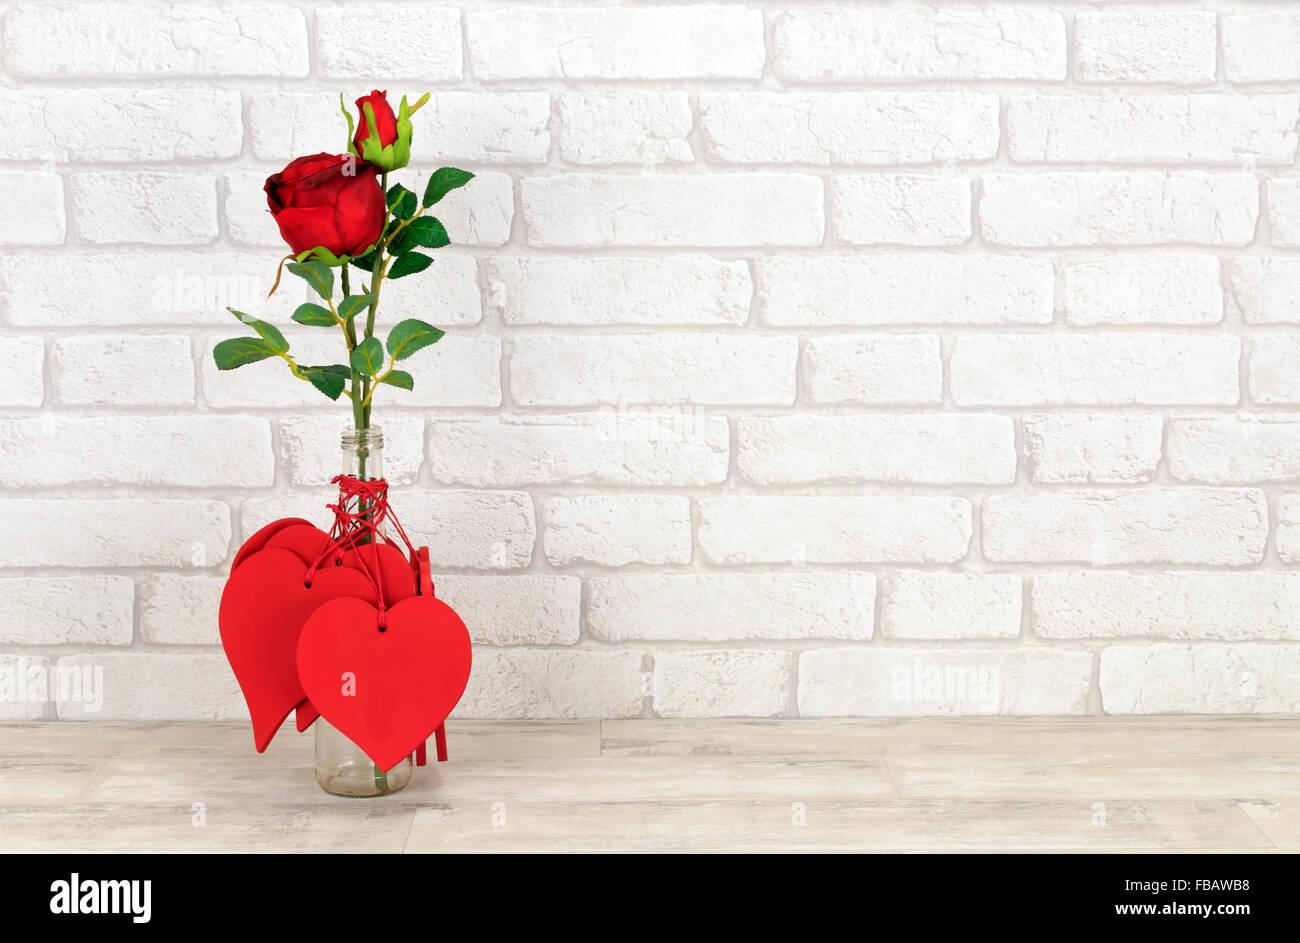 Valentine Herzen und rote Rosen in Glasflasche platziert auf einem schäbigen Holz Regal mit weiße Ziegel Wand Hintergrund Stockfoto